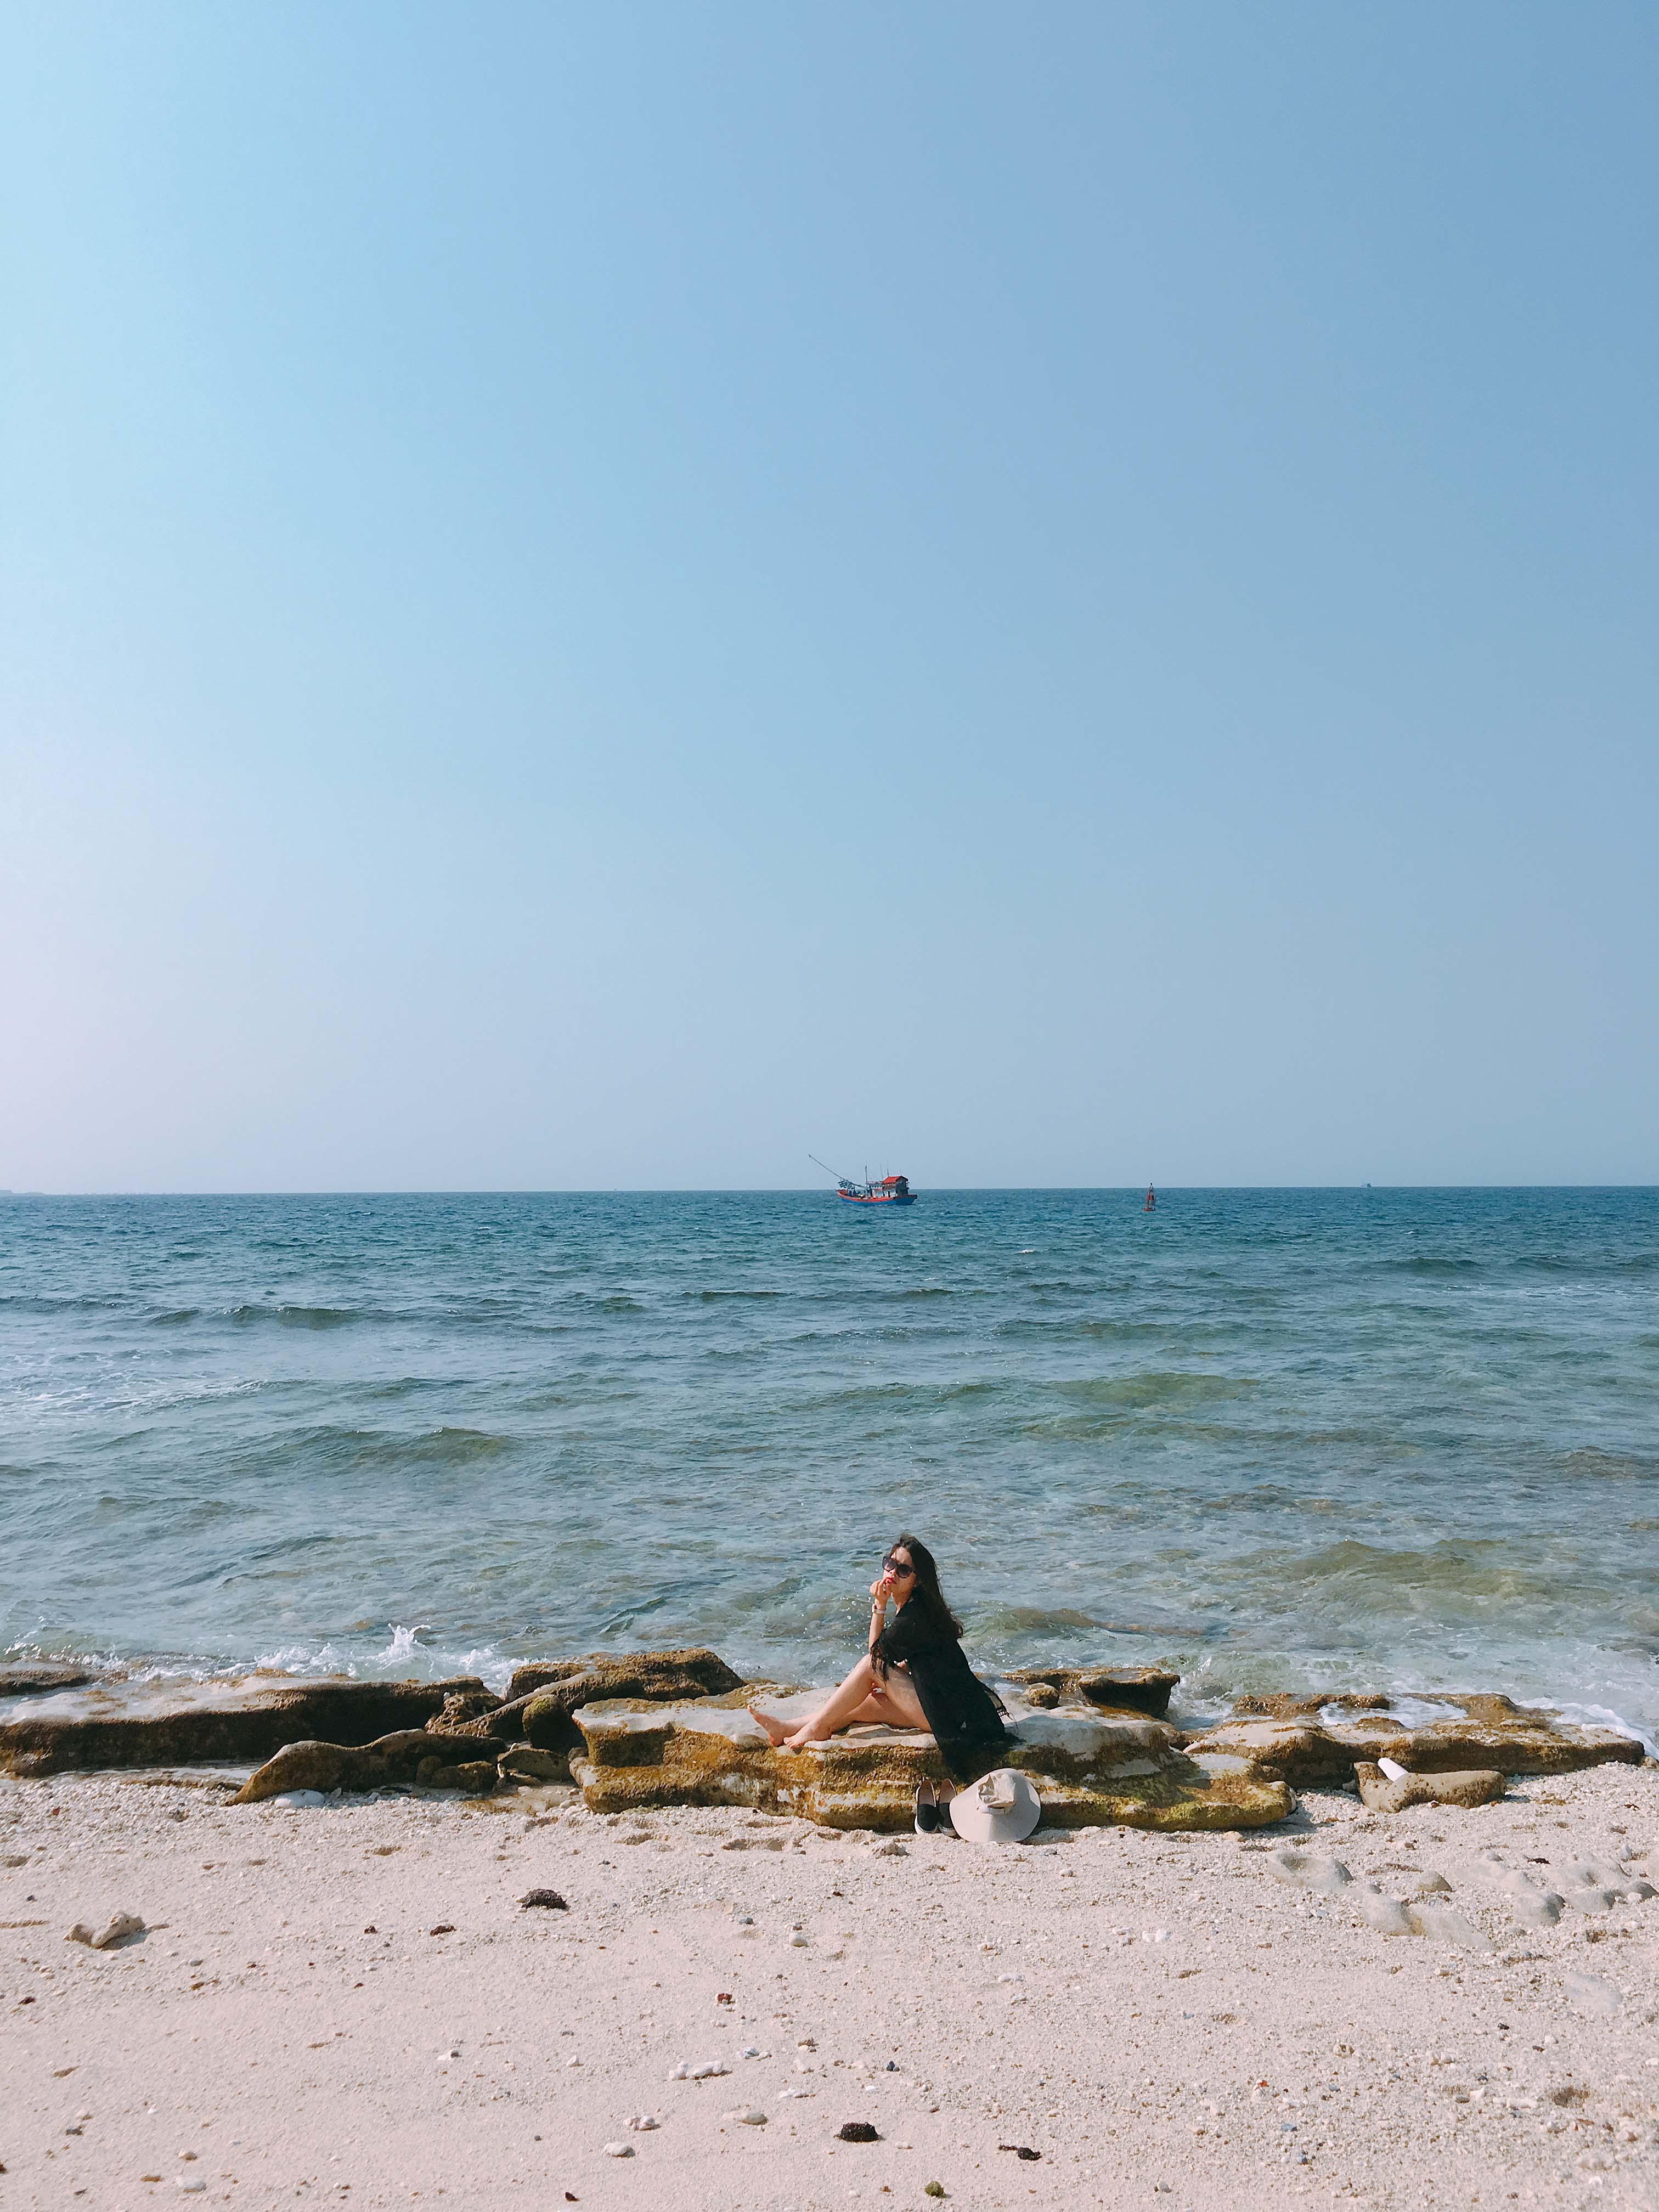 Biển xanh, cát trắng, nắng vàng và Sen